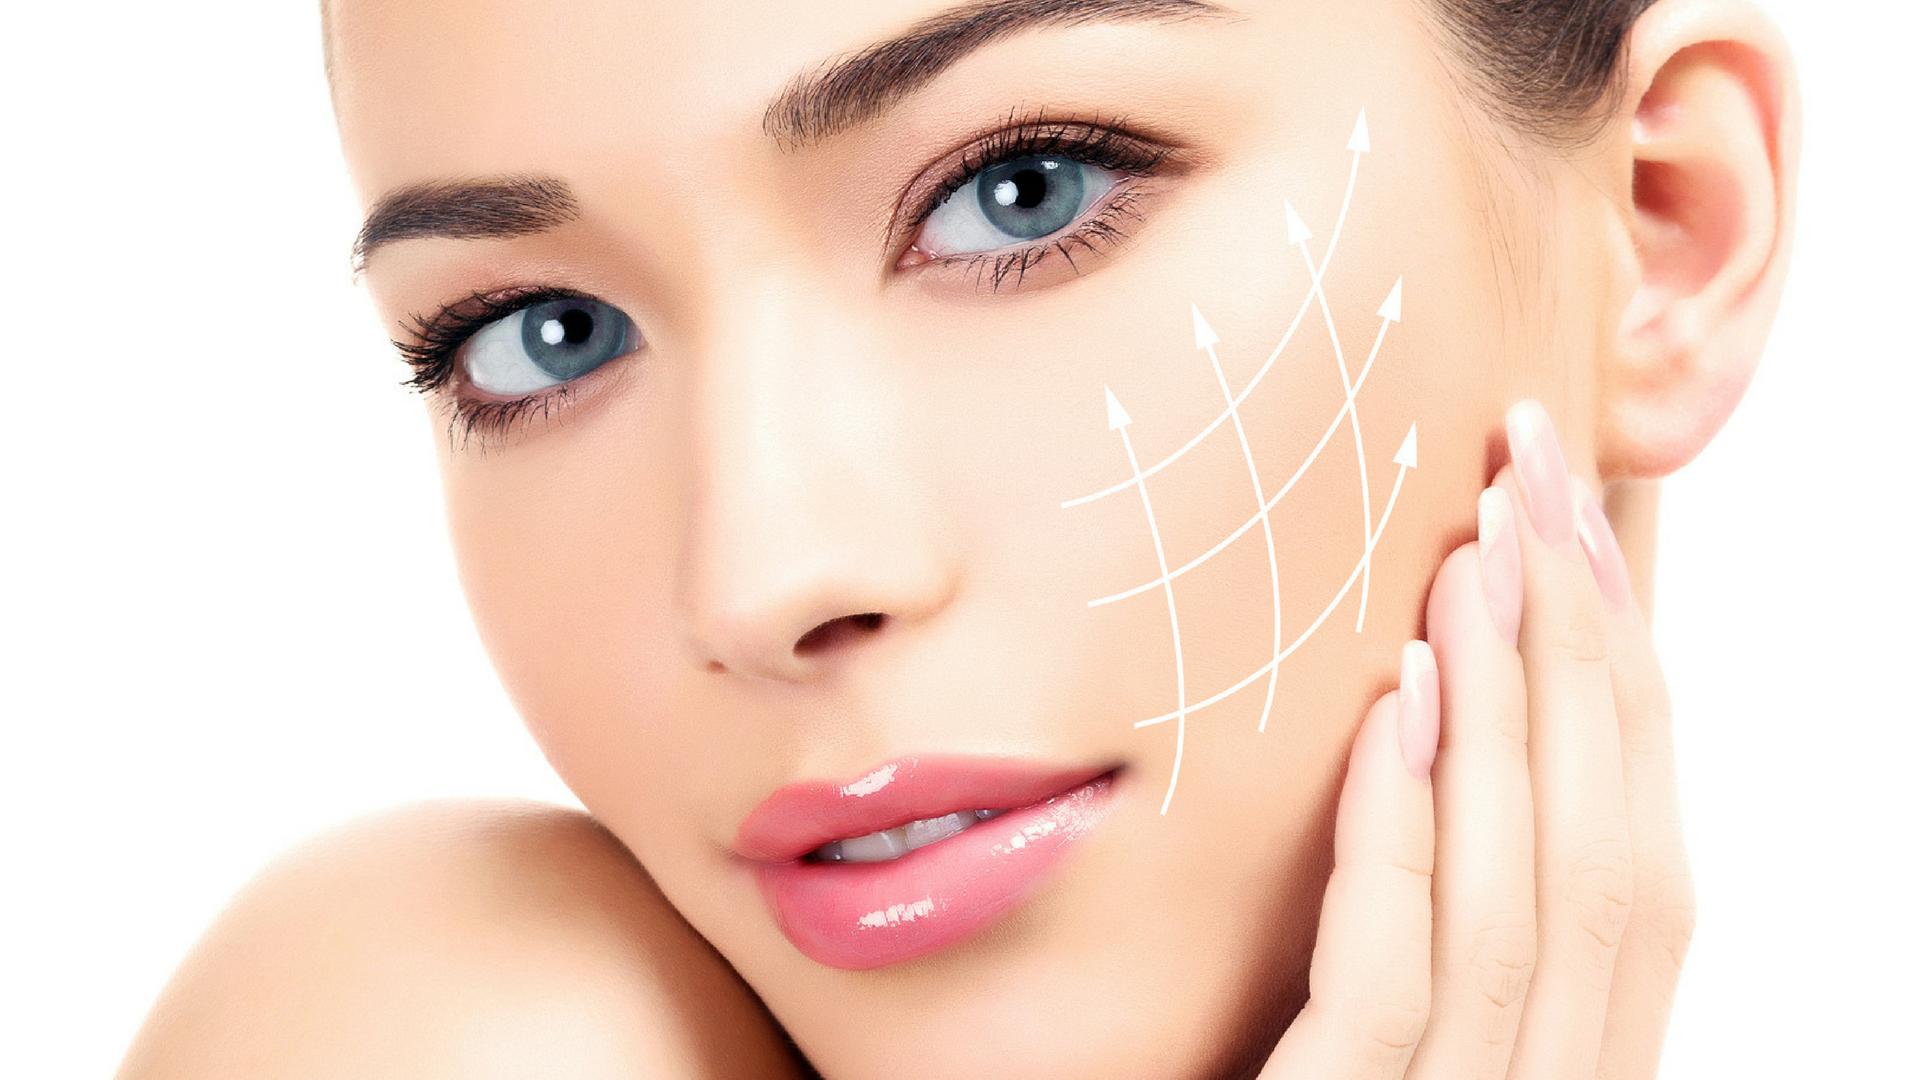 Cirugía Plástica - Rejuvenecimiento Facial